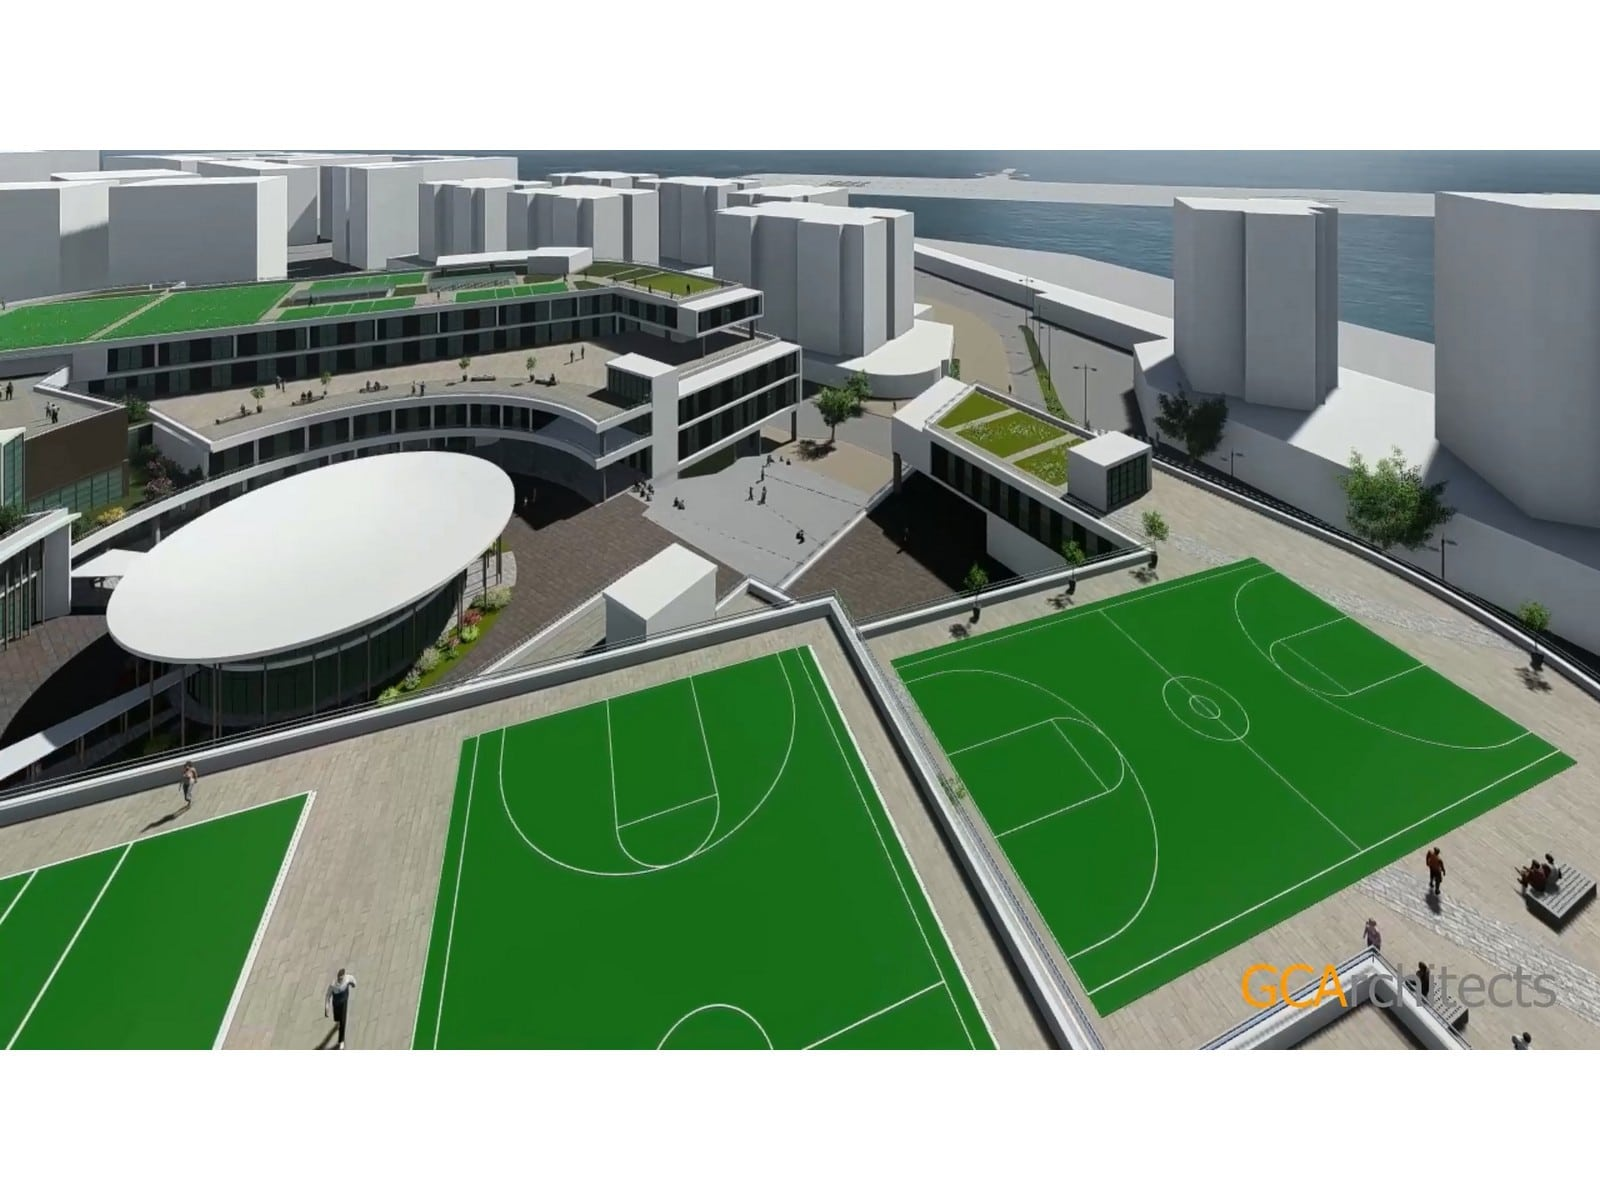 proyecto-de-construccin-de-las-dos-nuevas-escuelas-de-bayside-y-westside-en-waterport-gibraltar_41541646002_o